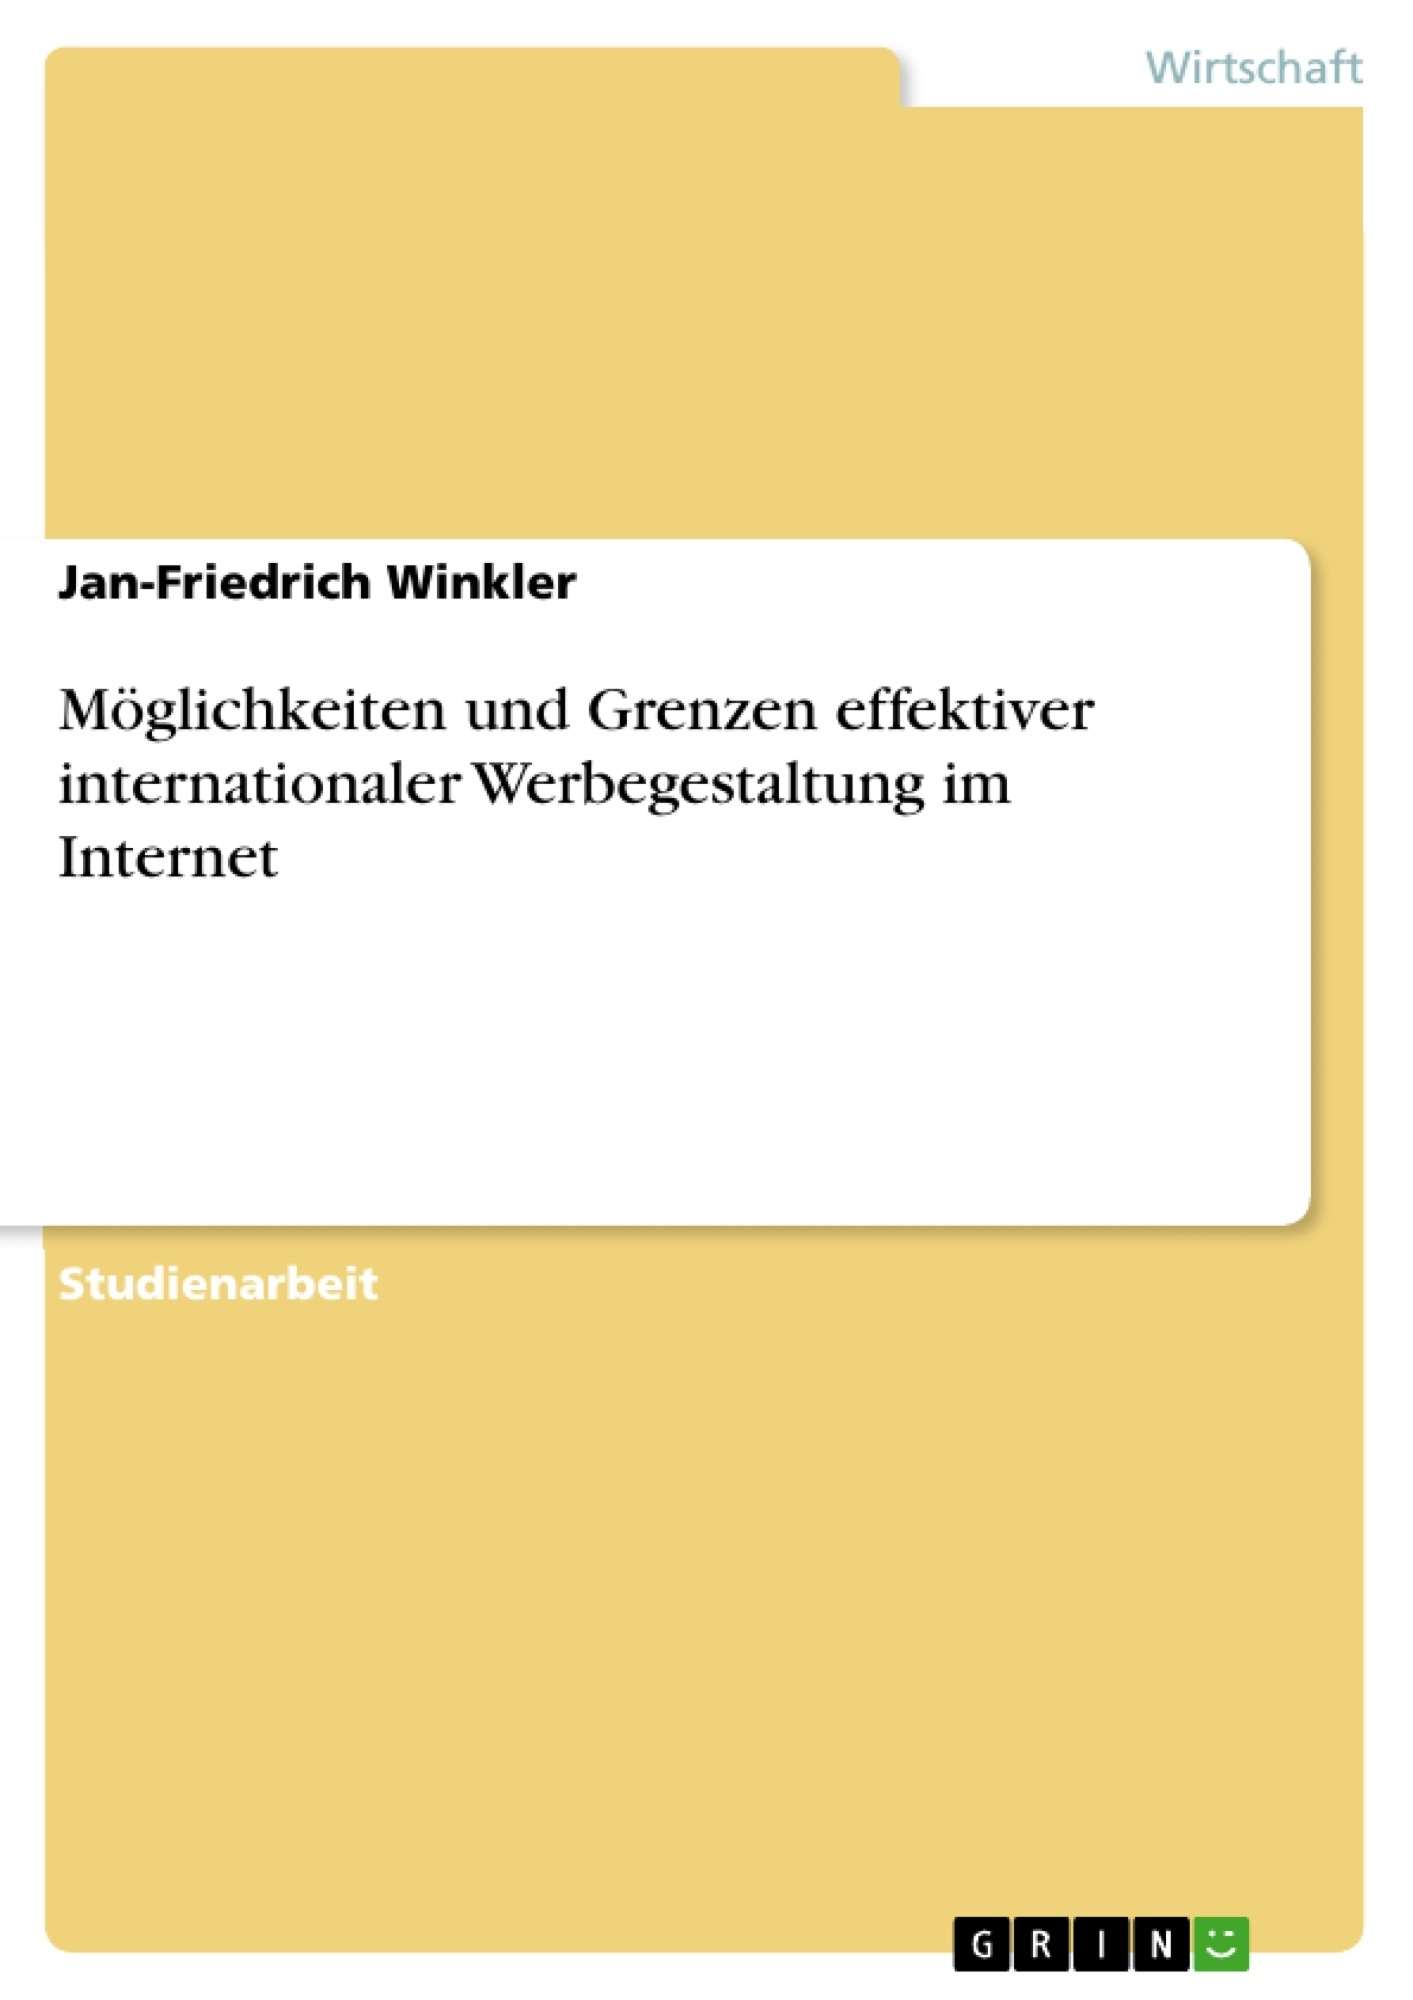 Titel: Möglichkeiten und Grenzen effektiver internationaler Werbegestaltung im Internet